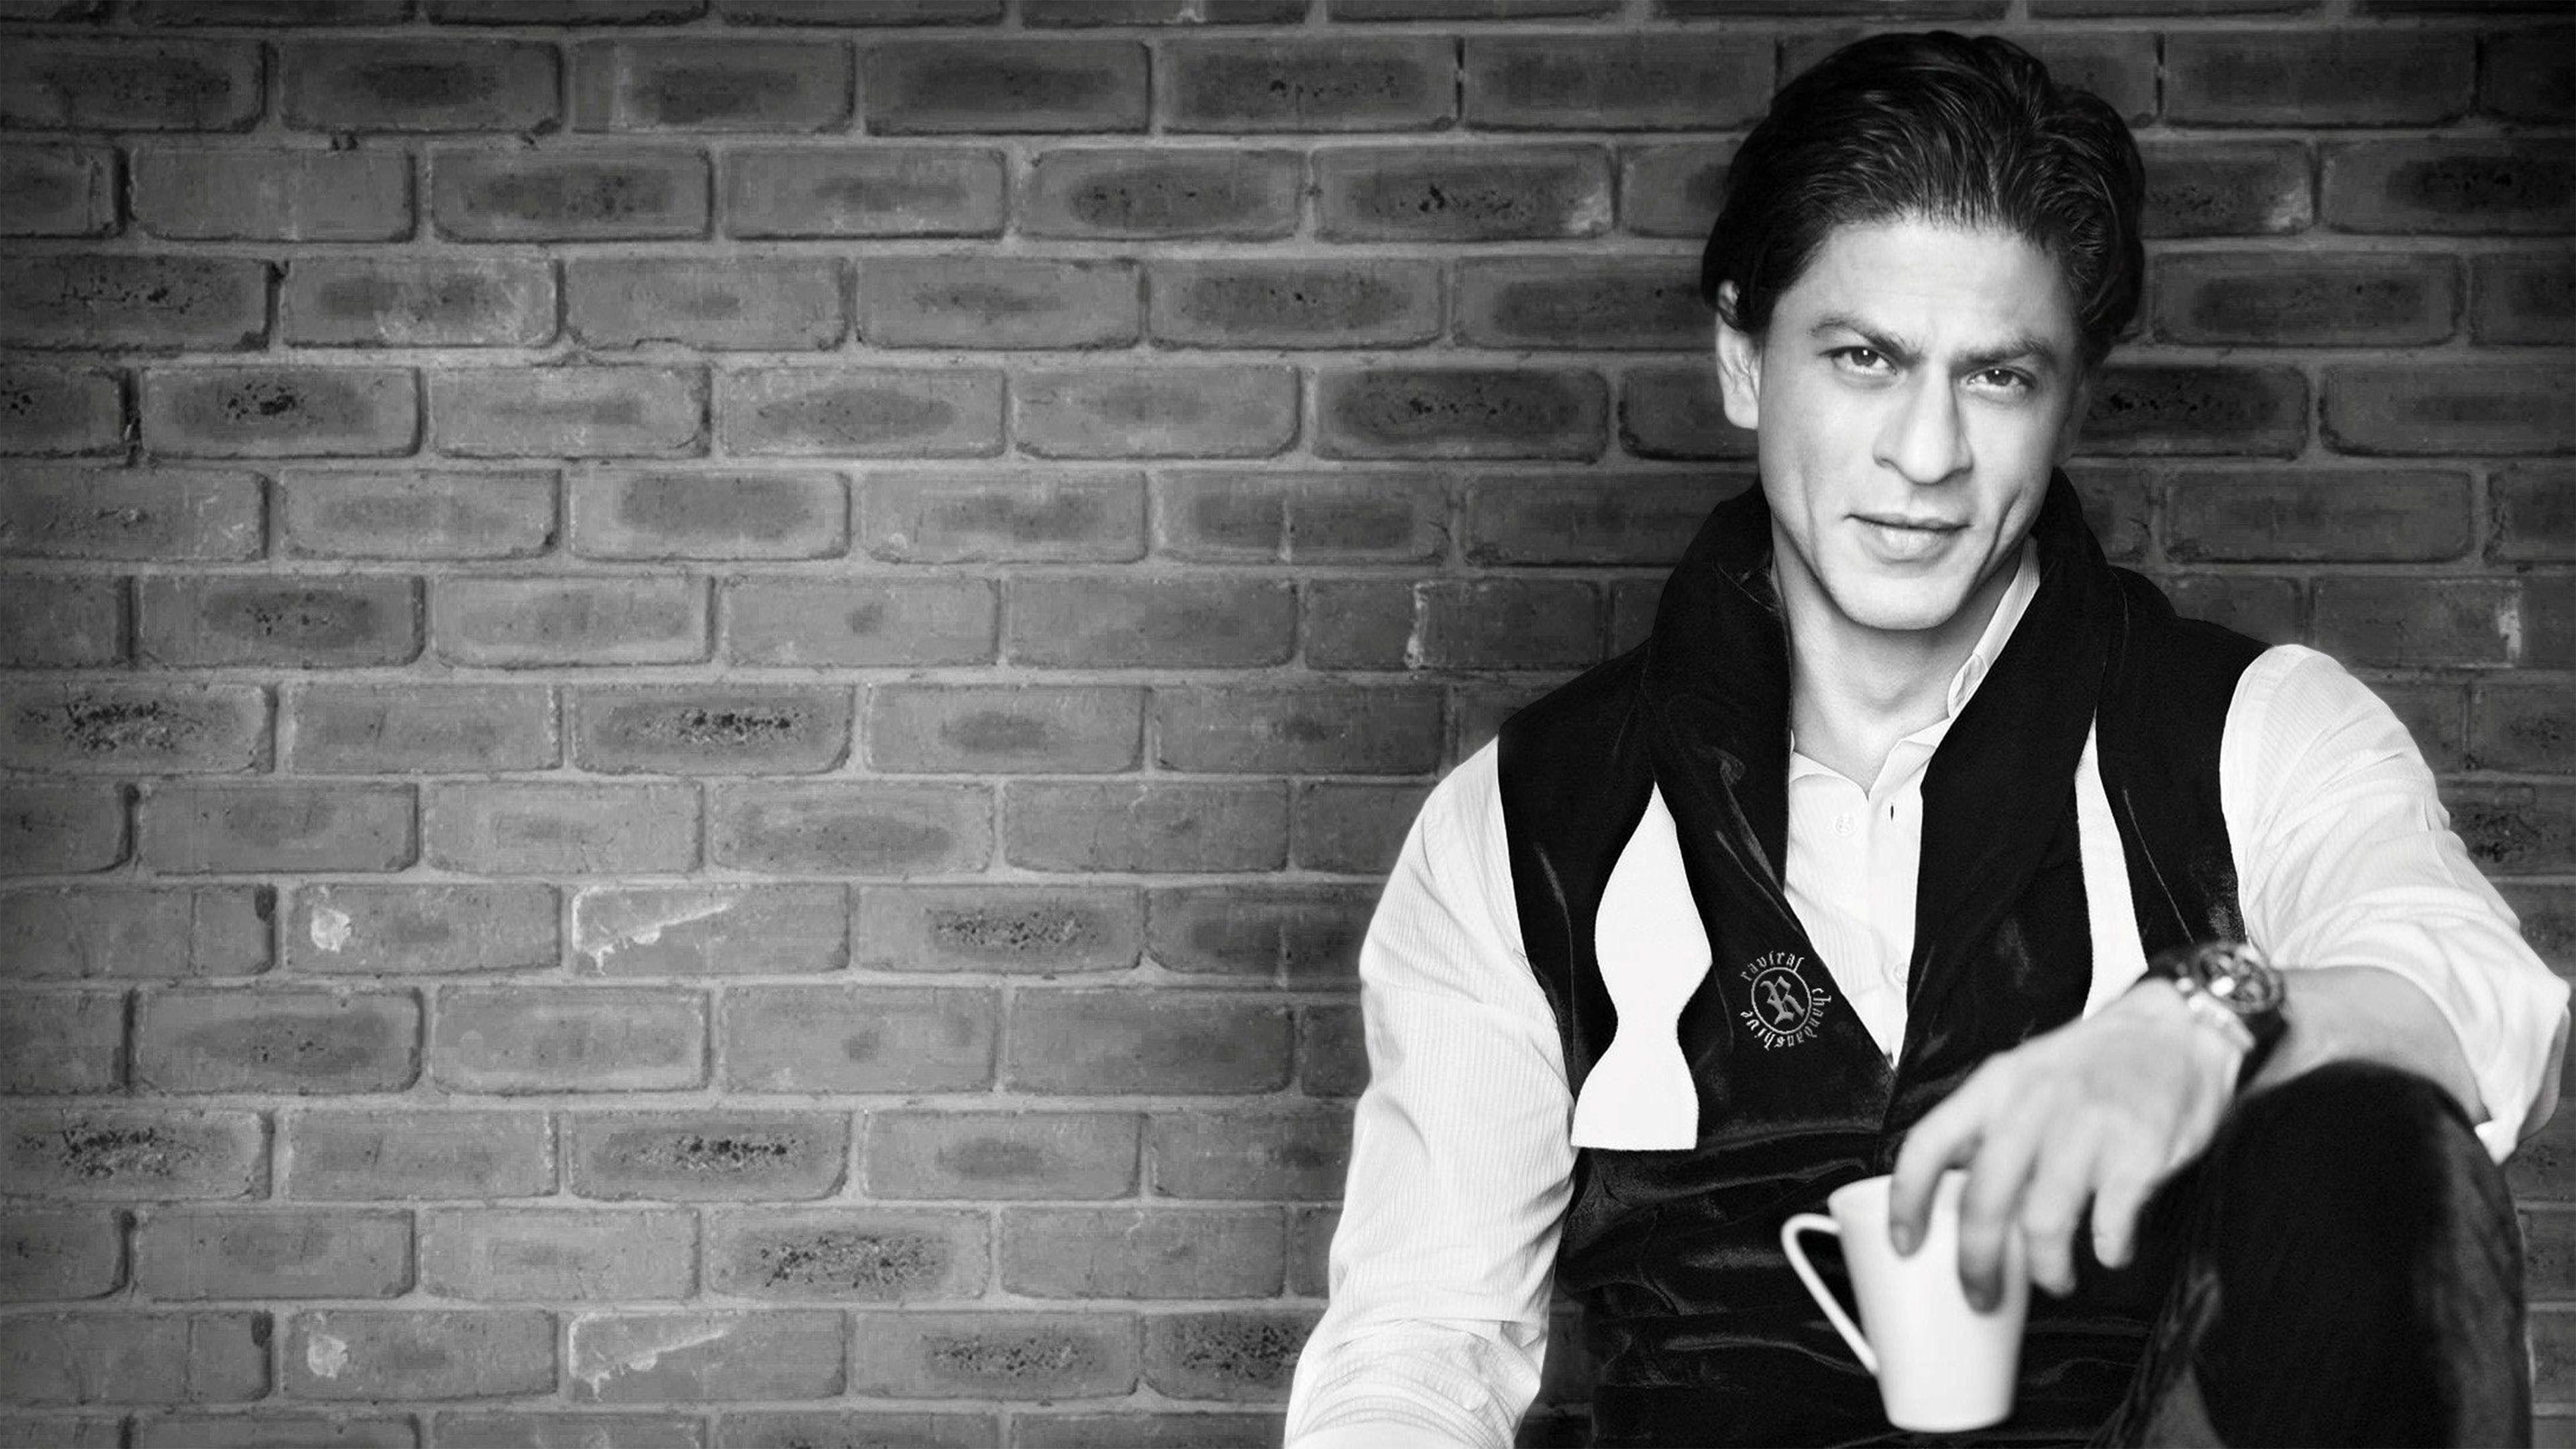 3840x2160 shah rukh khan 4k full hd background Shahrukh